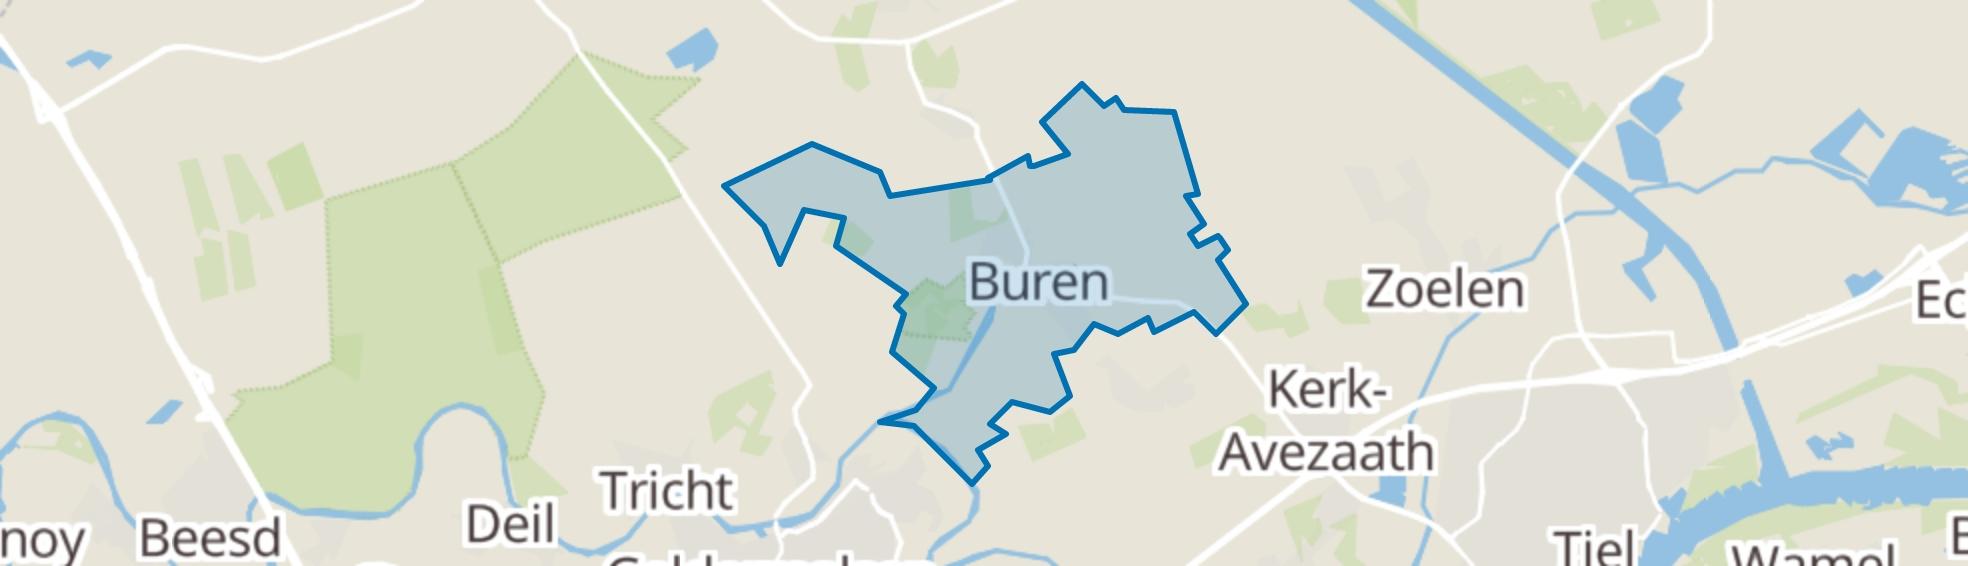 Buren (GE) map